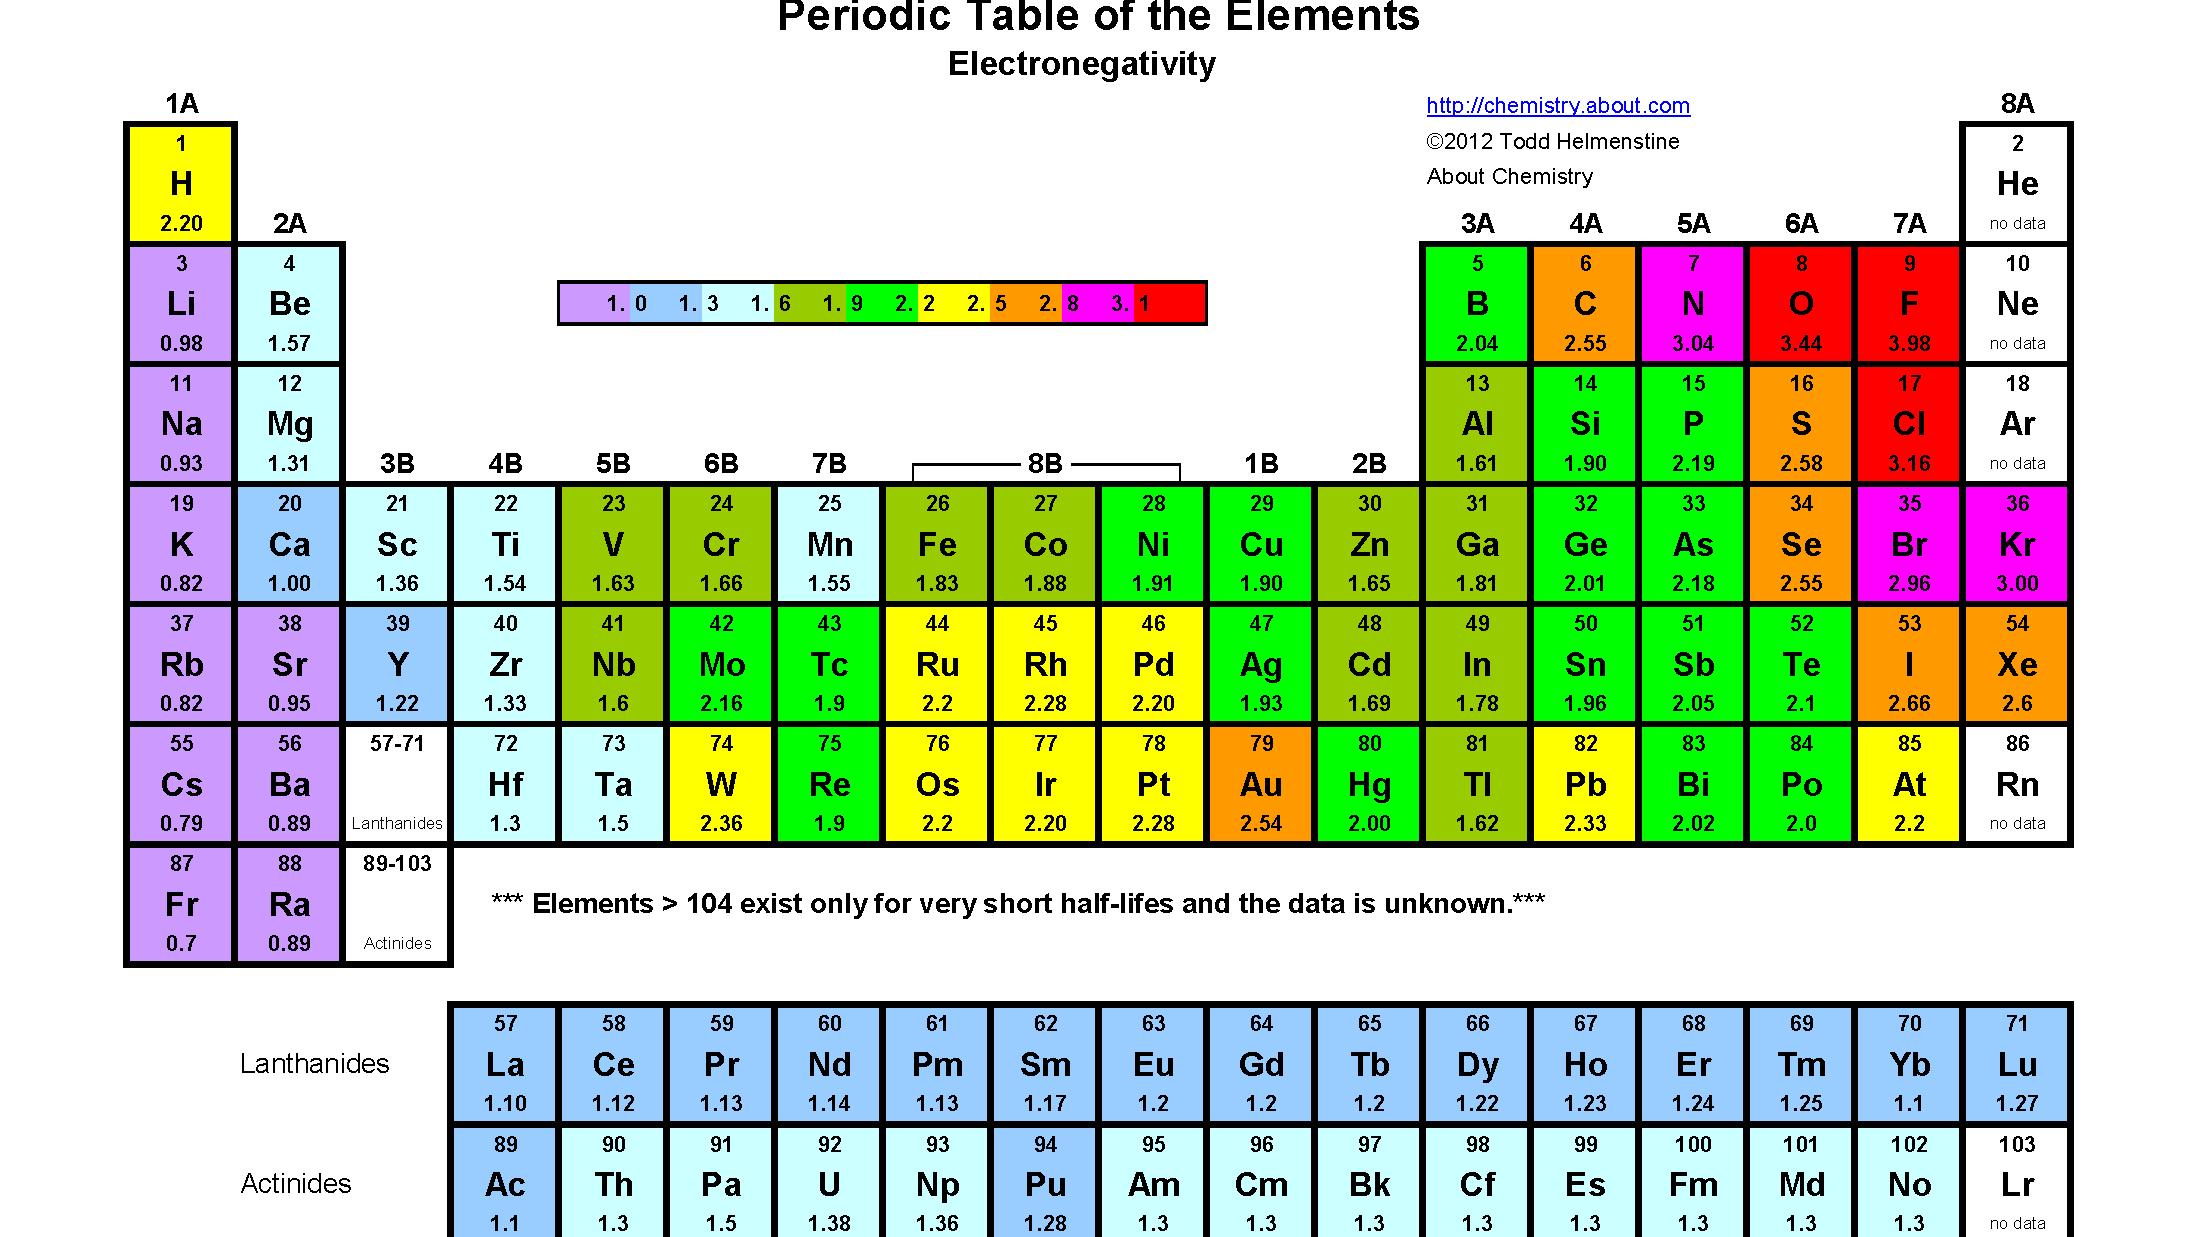 يتم تنظيم العناصر في الجدول الدوري بناء على خصائصها في صفوف و أعمدة